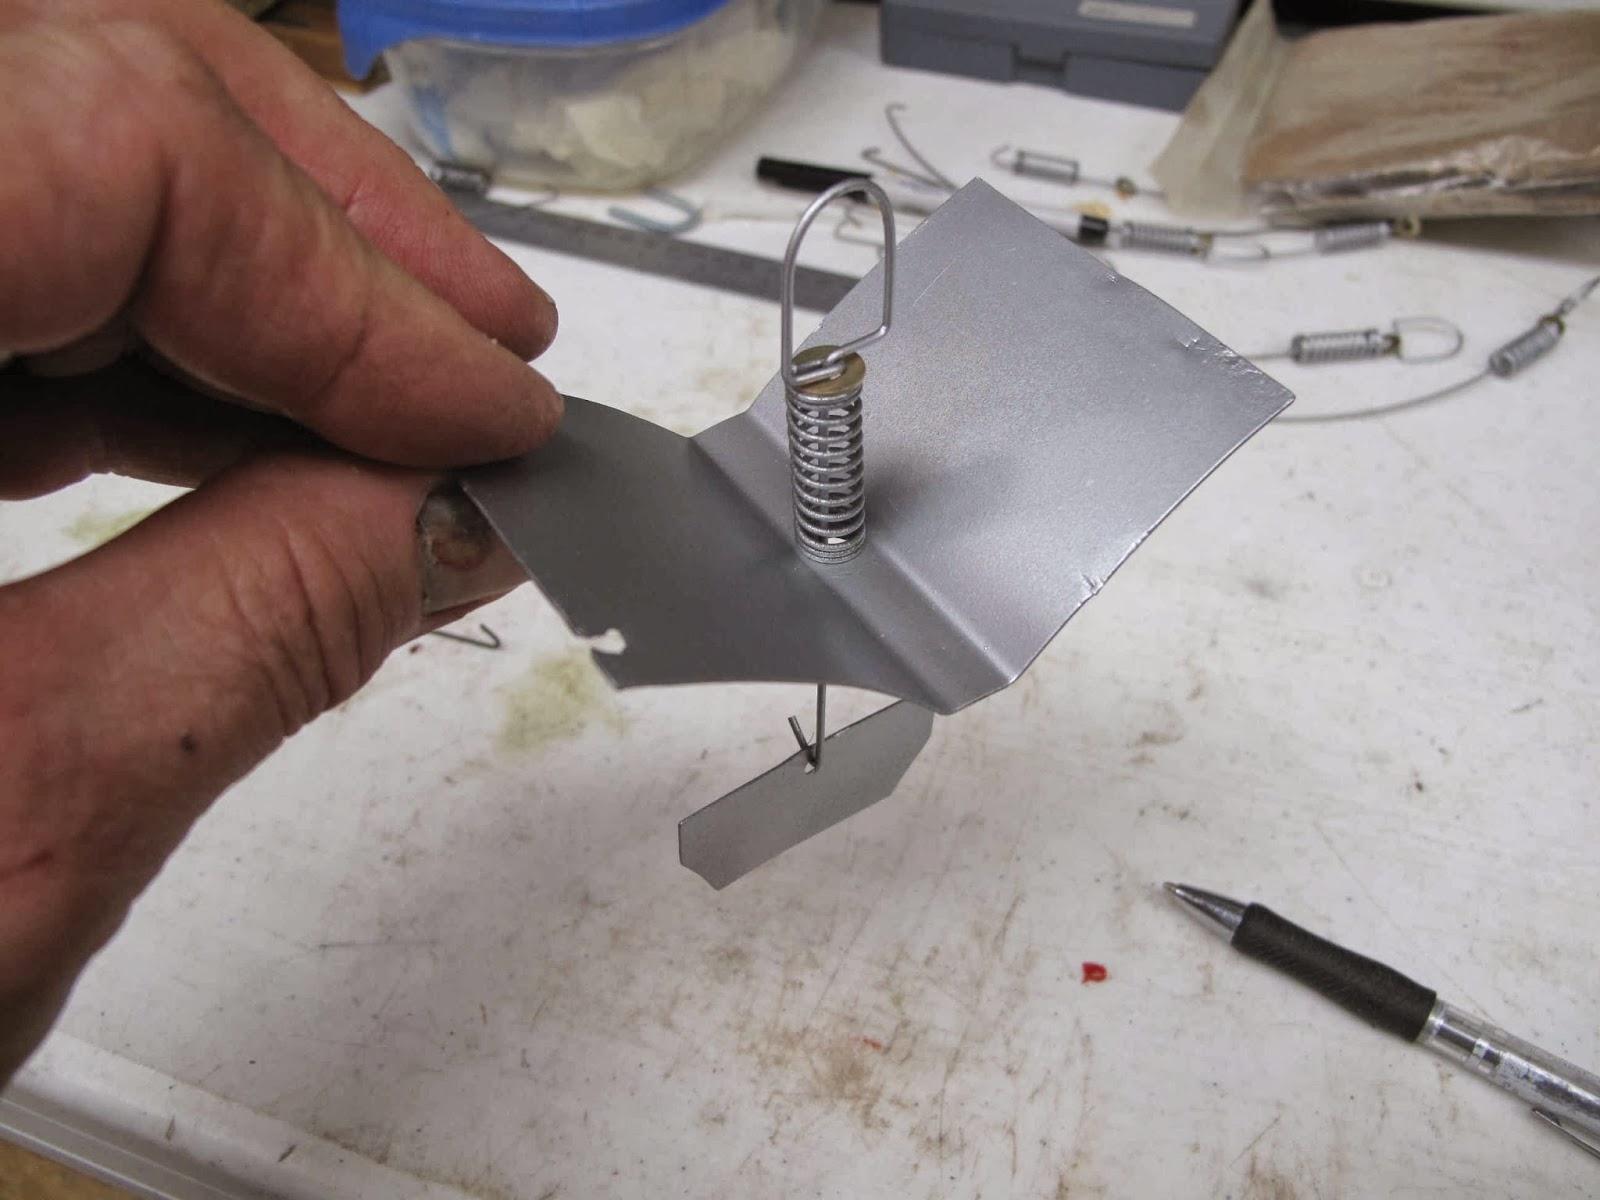 Cessna 140 Rebirth: Baffle Spring Fastener - Wires